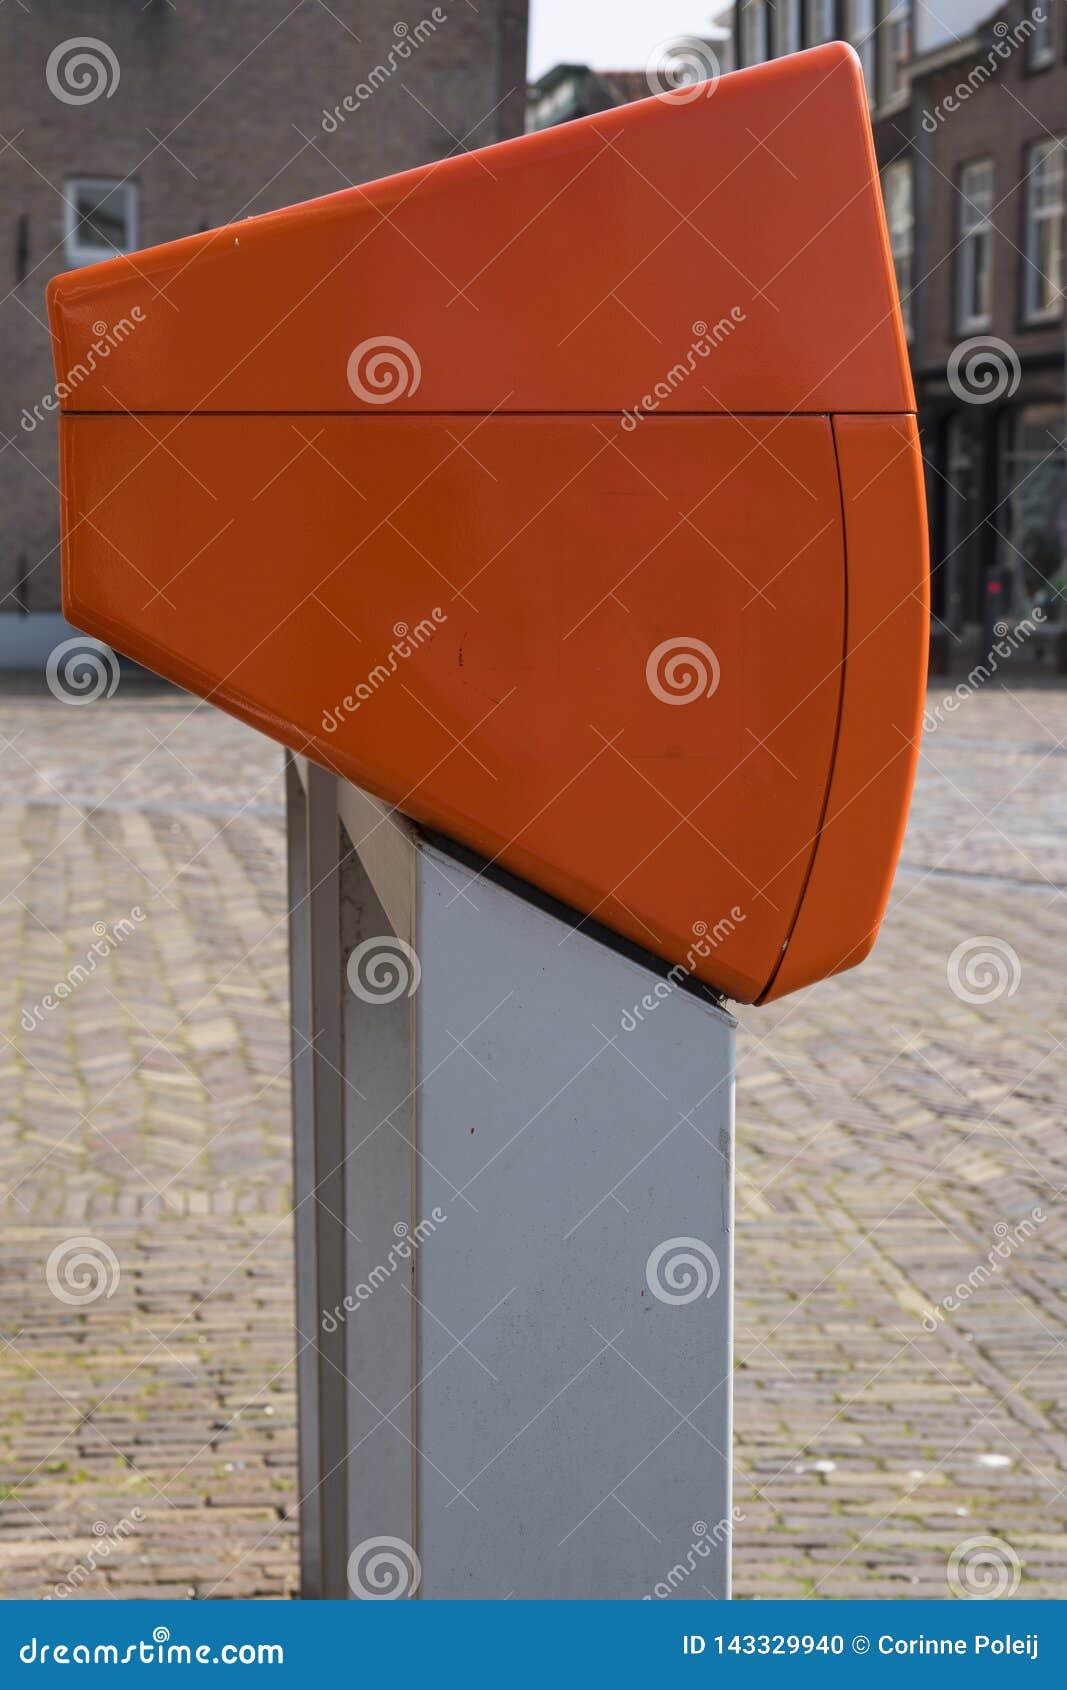 Cassetta della posta arancio olandese tipica in via